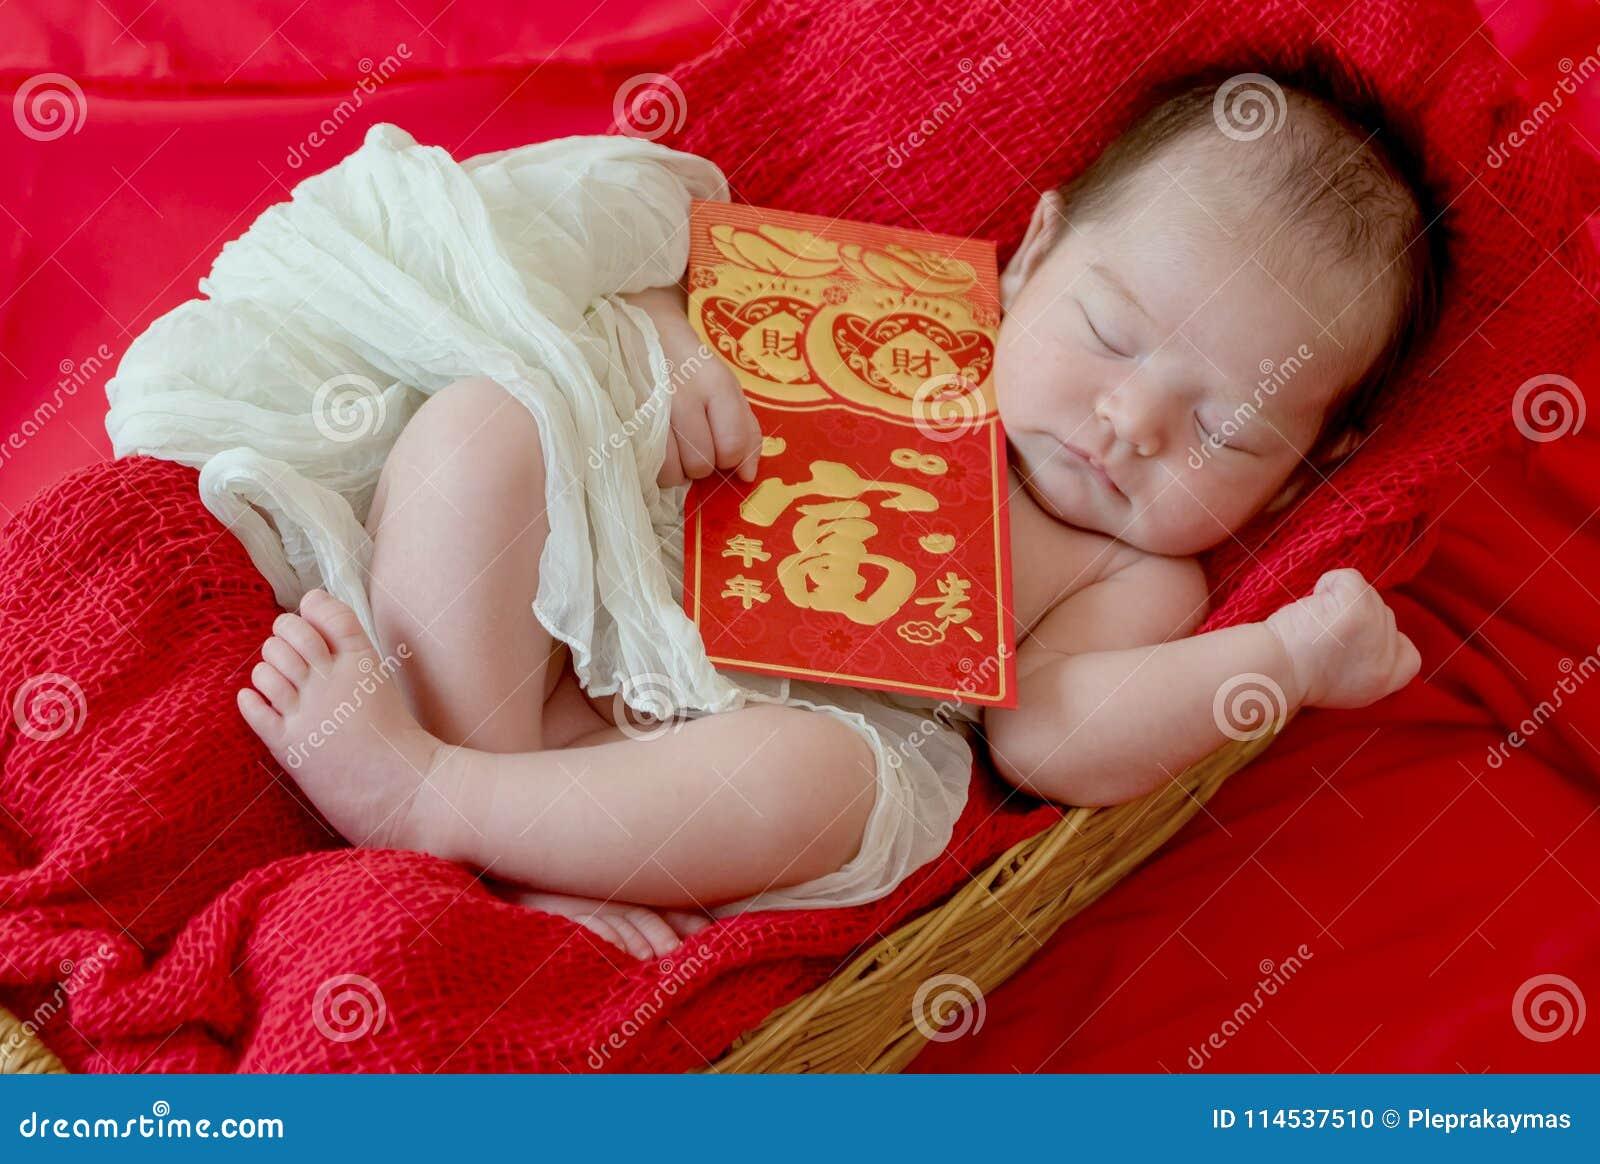 Bebé con gesto del Año Nuevo chino feliz